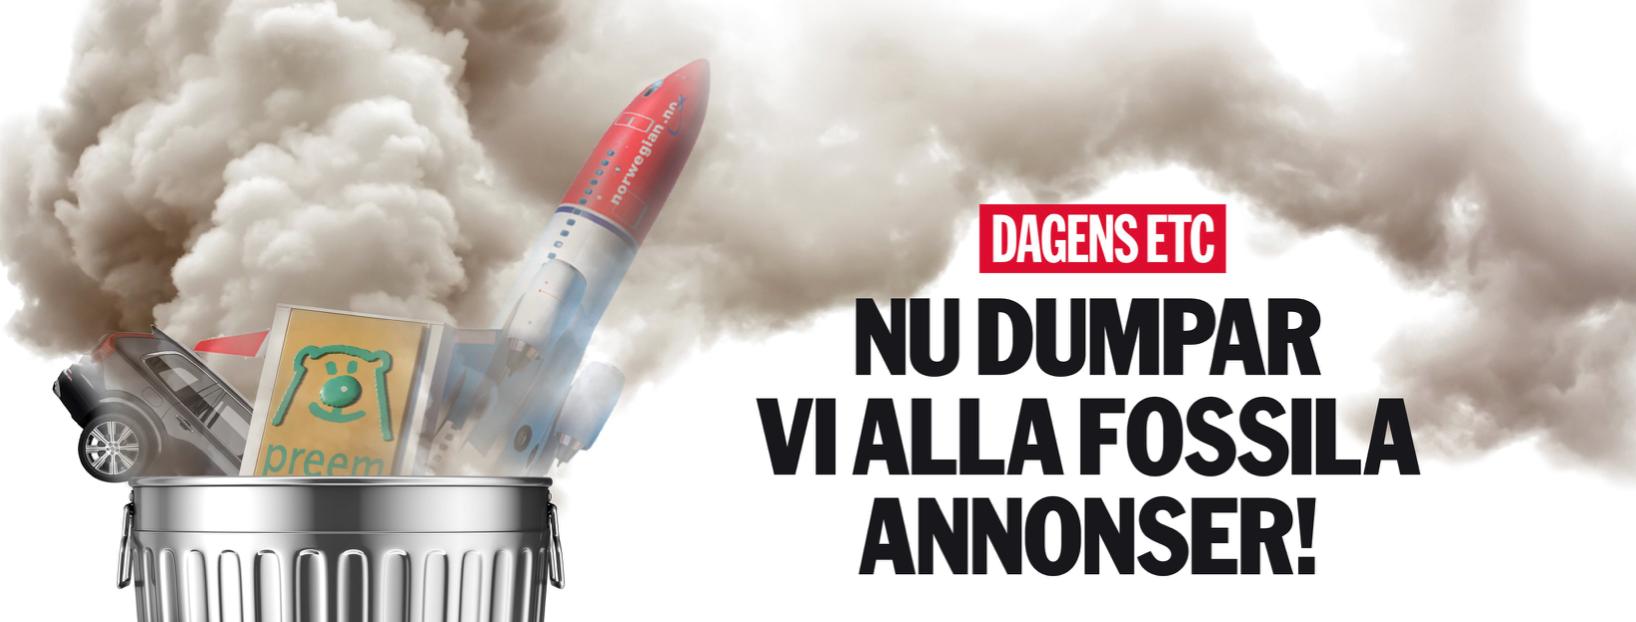 Zweedse Krant Dagens ETC weert reclame van de fossiele industrie